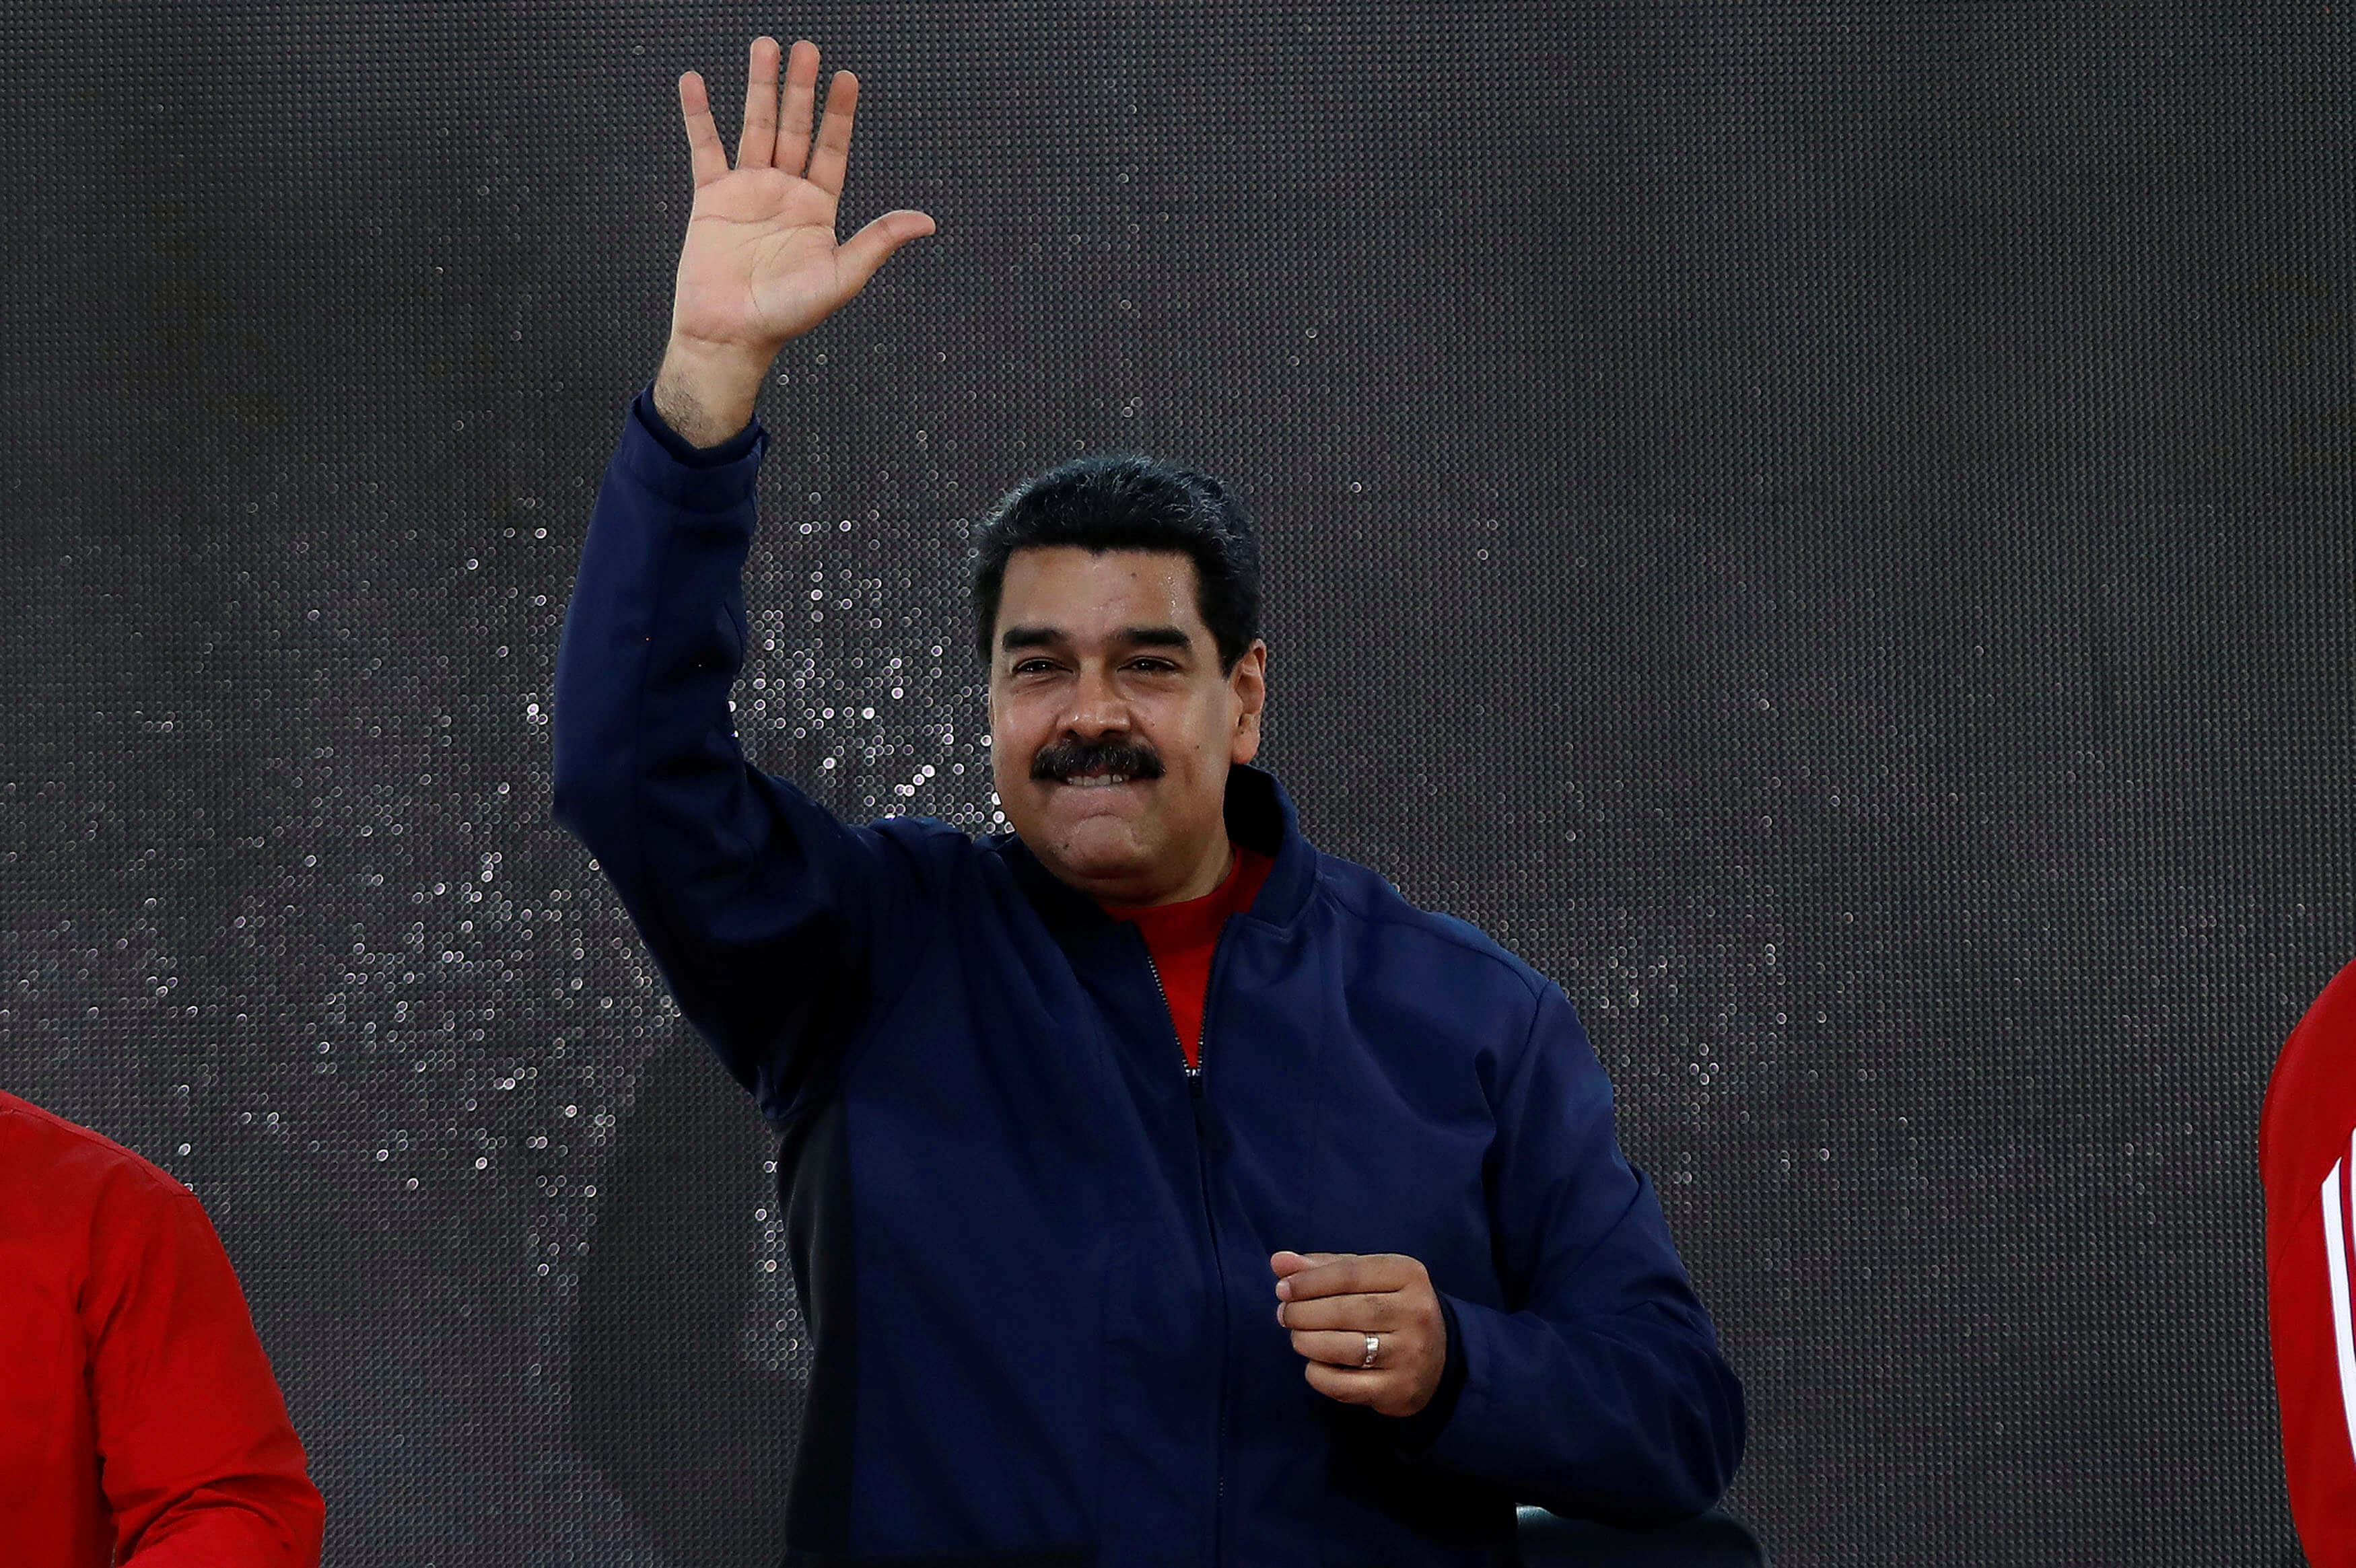 Sentencia del TSJ es un retroceso en derechos humanos — Ortega Díaz